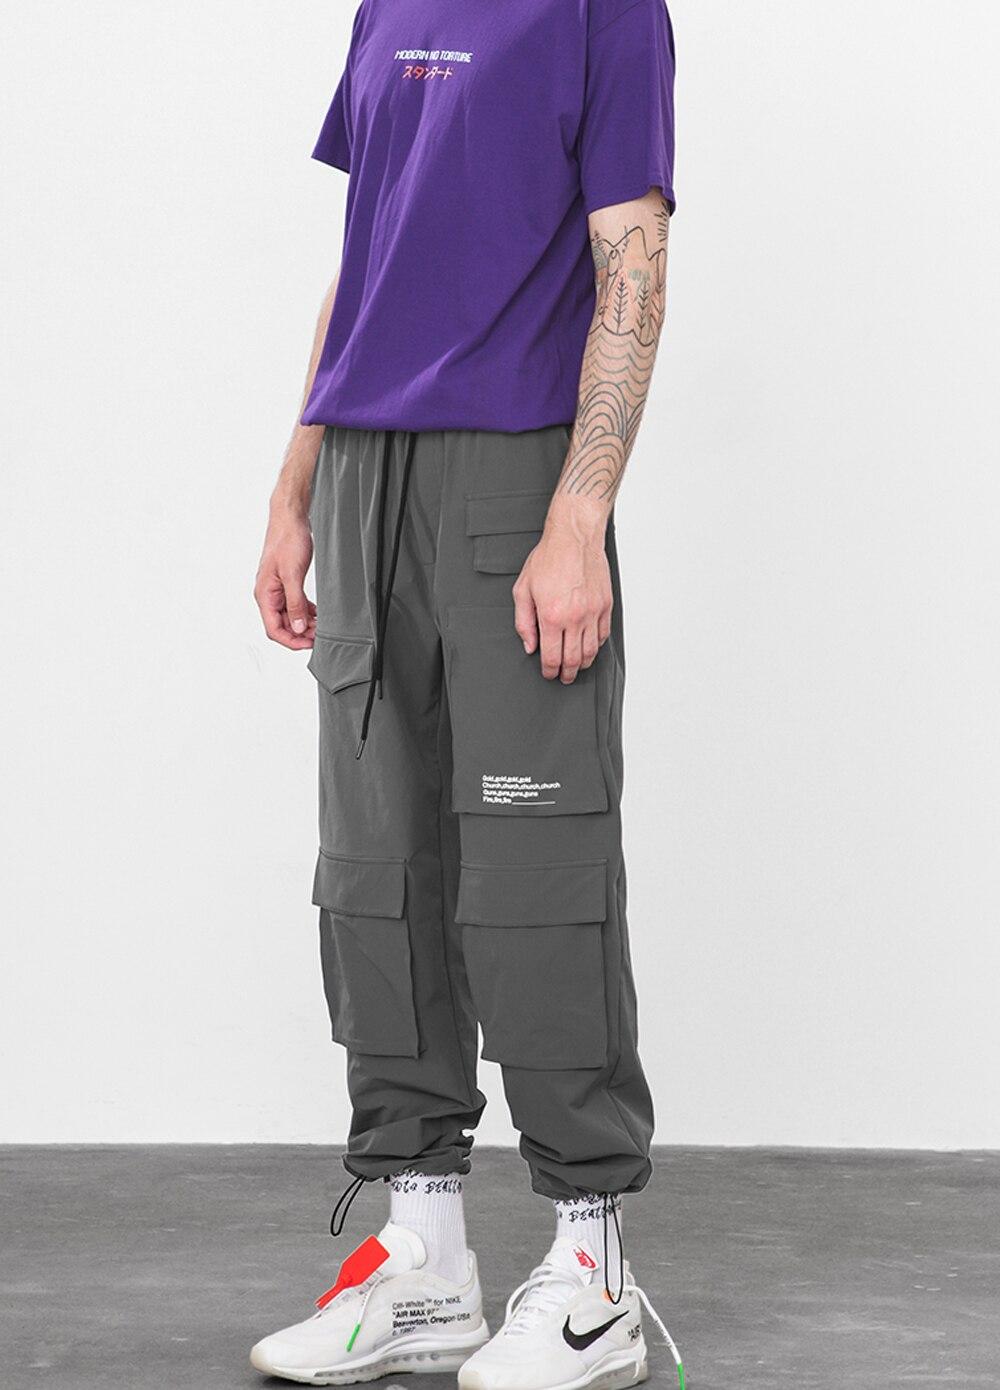 2018 Autumn Buckle Straps Cargo Pants New Arrival Elastic Waist Vintage Harem Pants Hip Hop Casual Streetwear Joggers Sweatpants